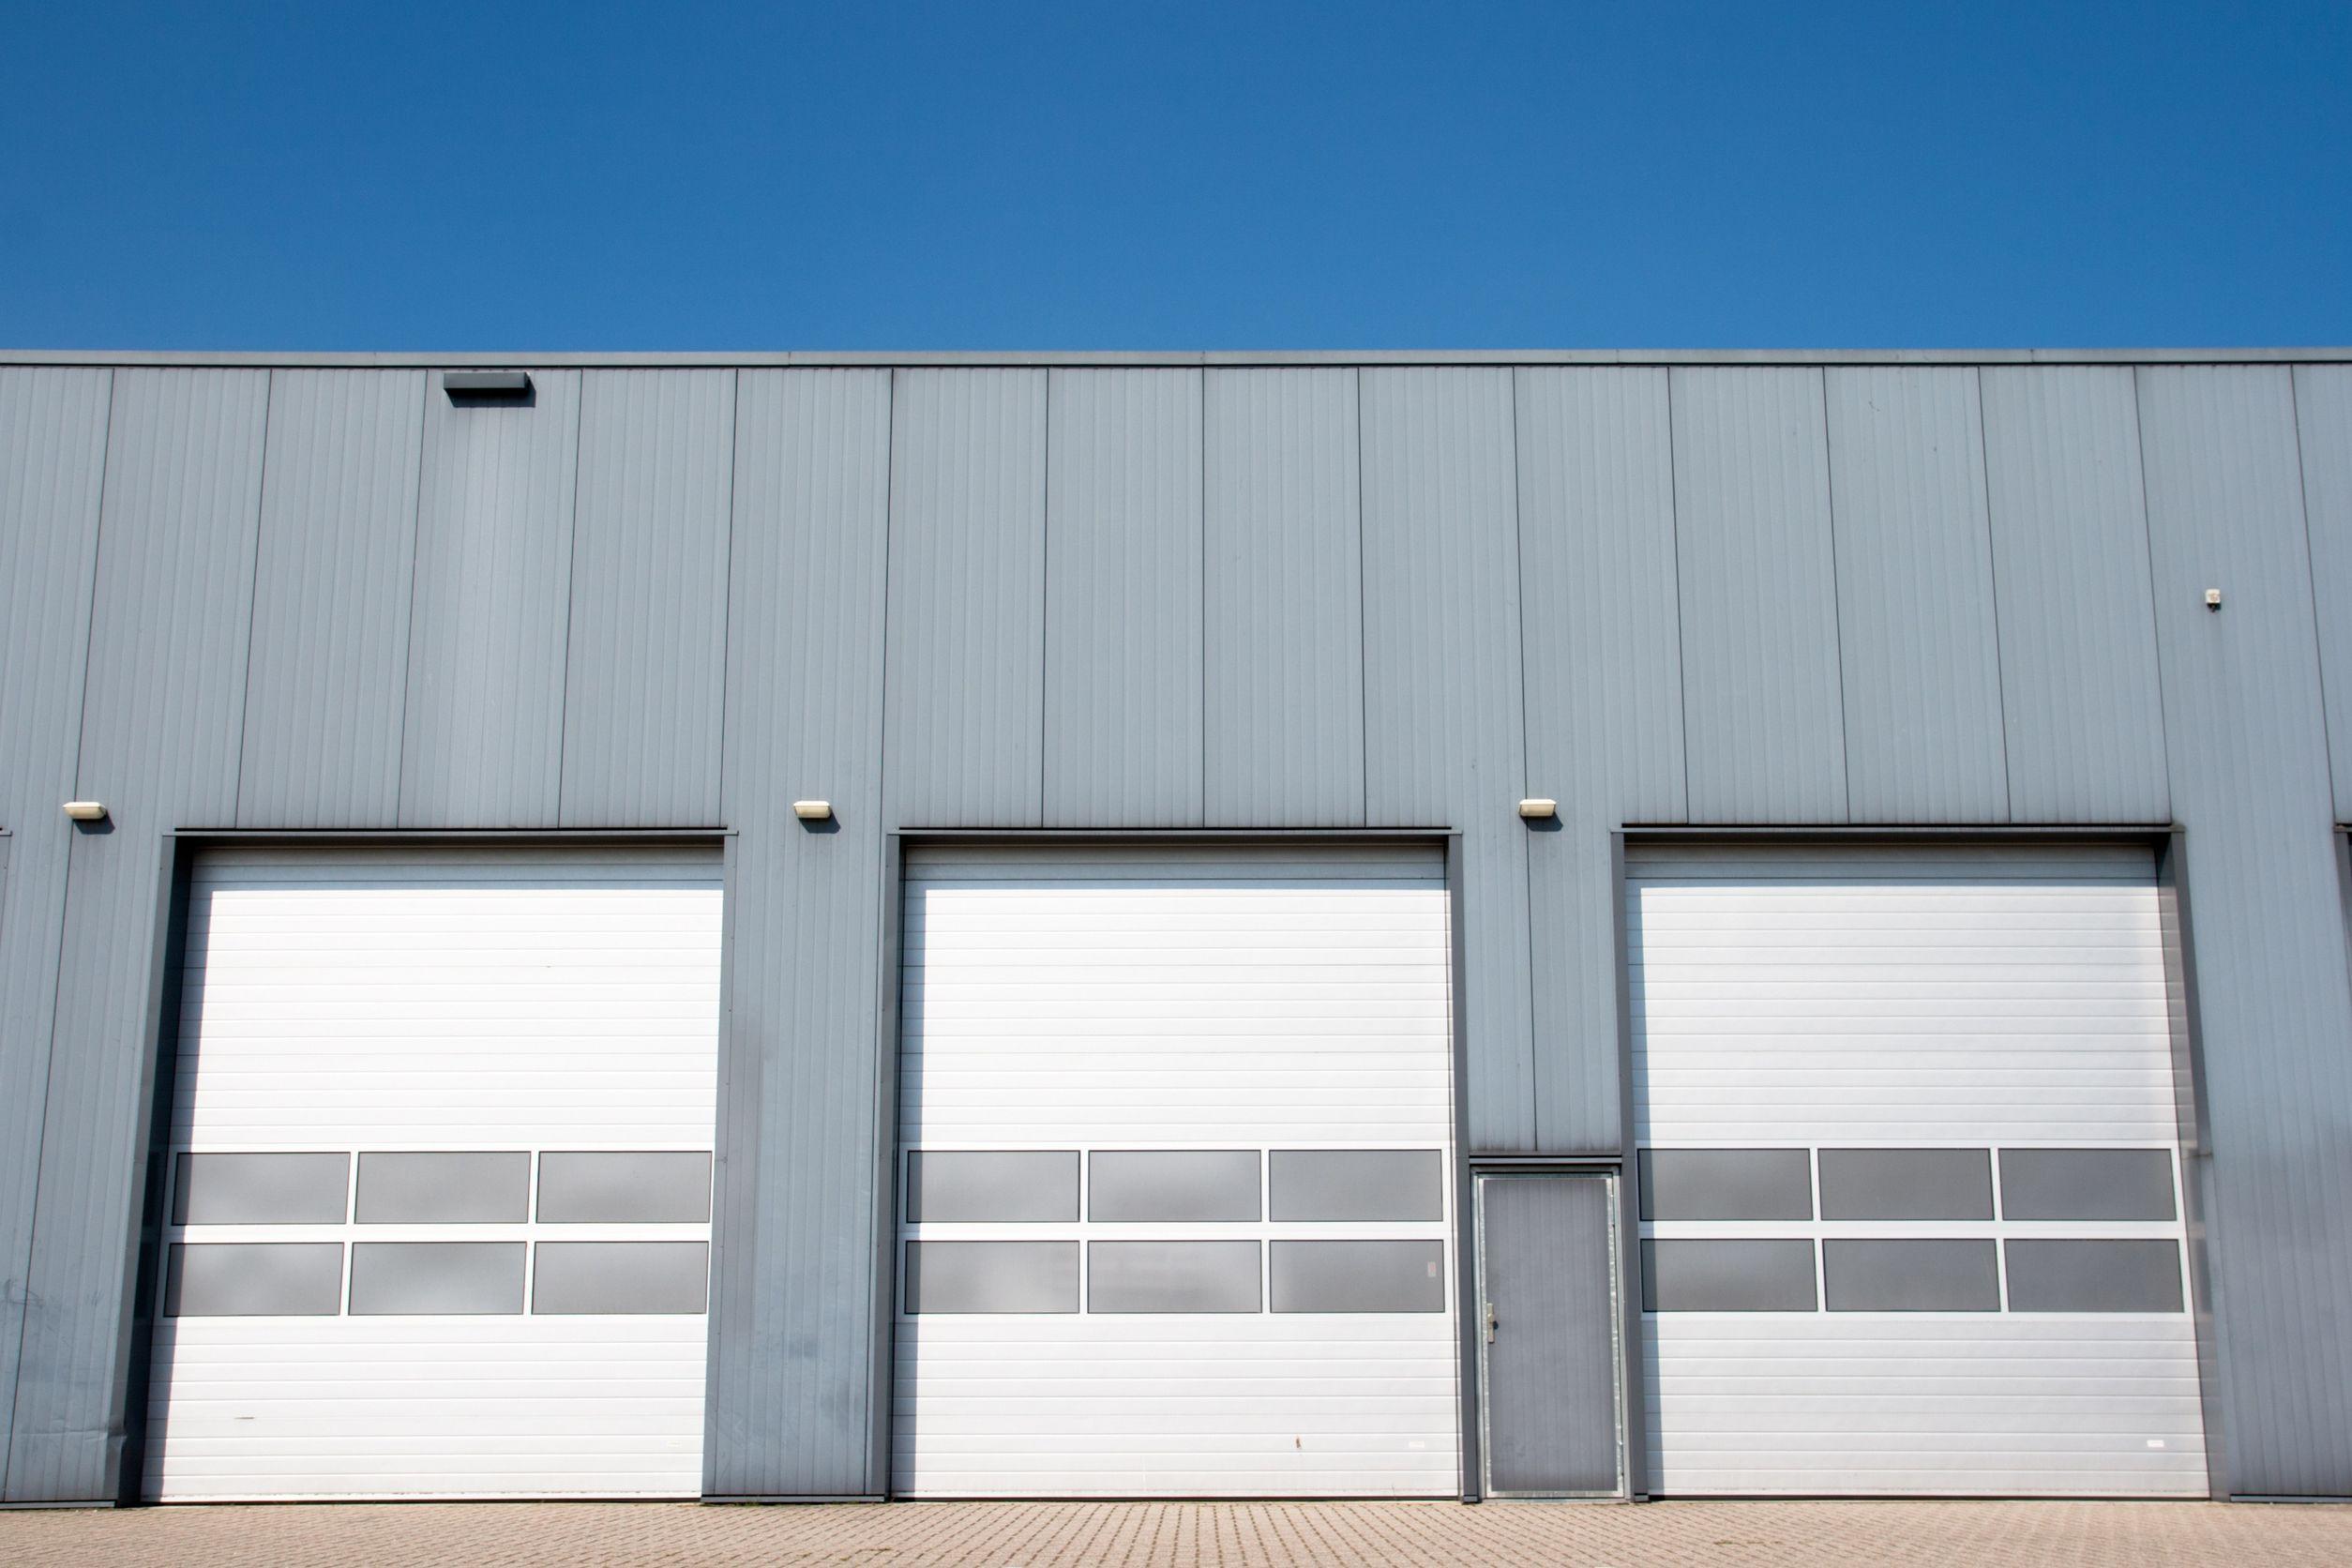 Tipos de puertas de garaje excellent puertas garage with - Tipos de puertas de garaje ...